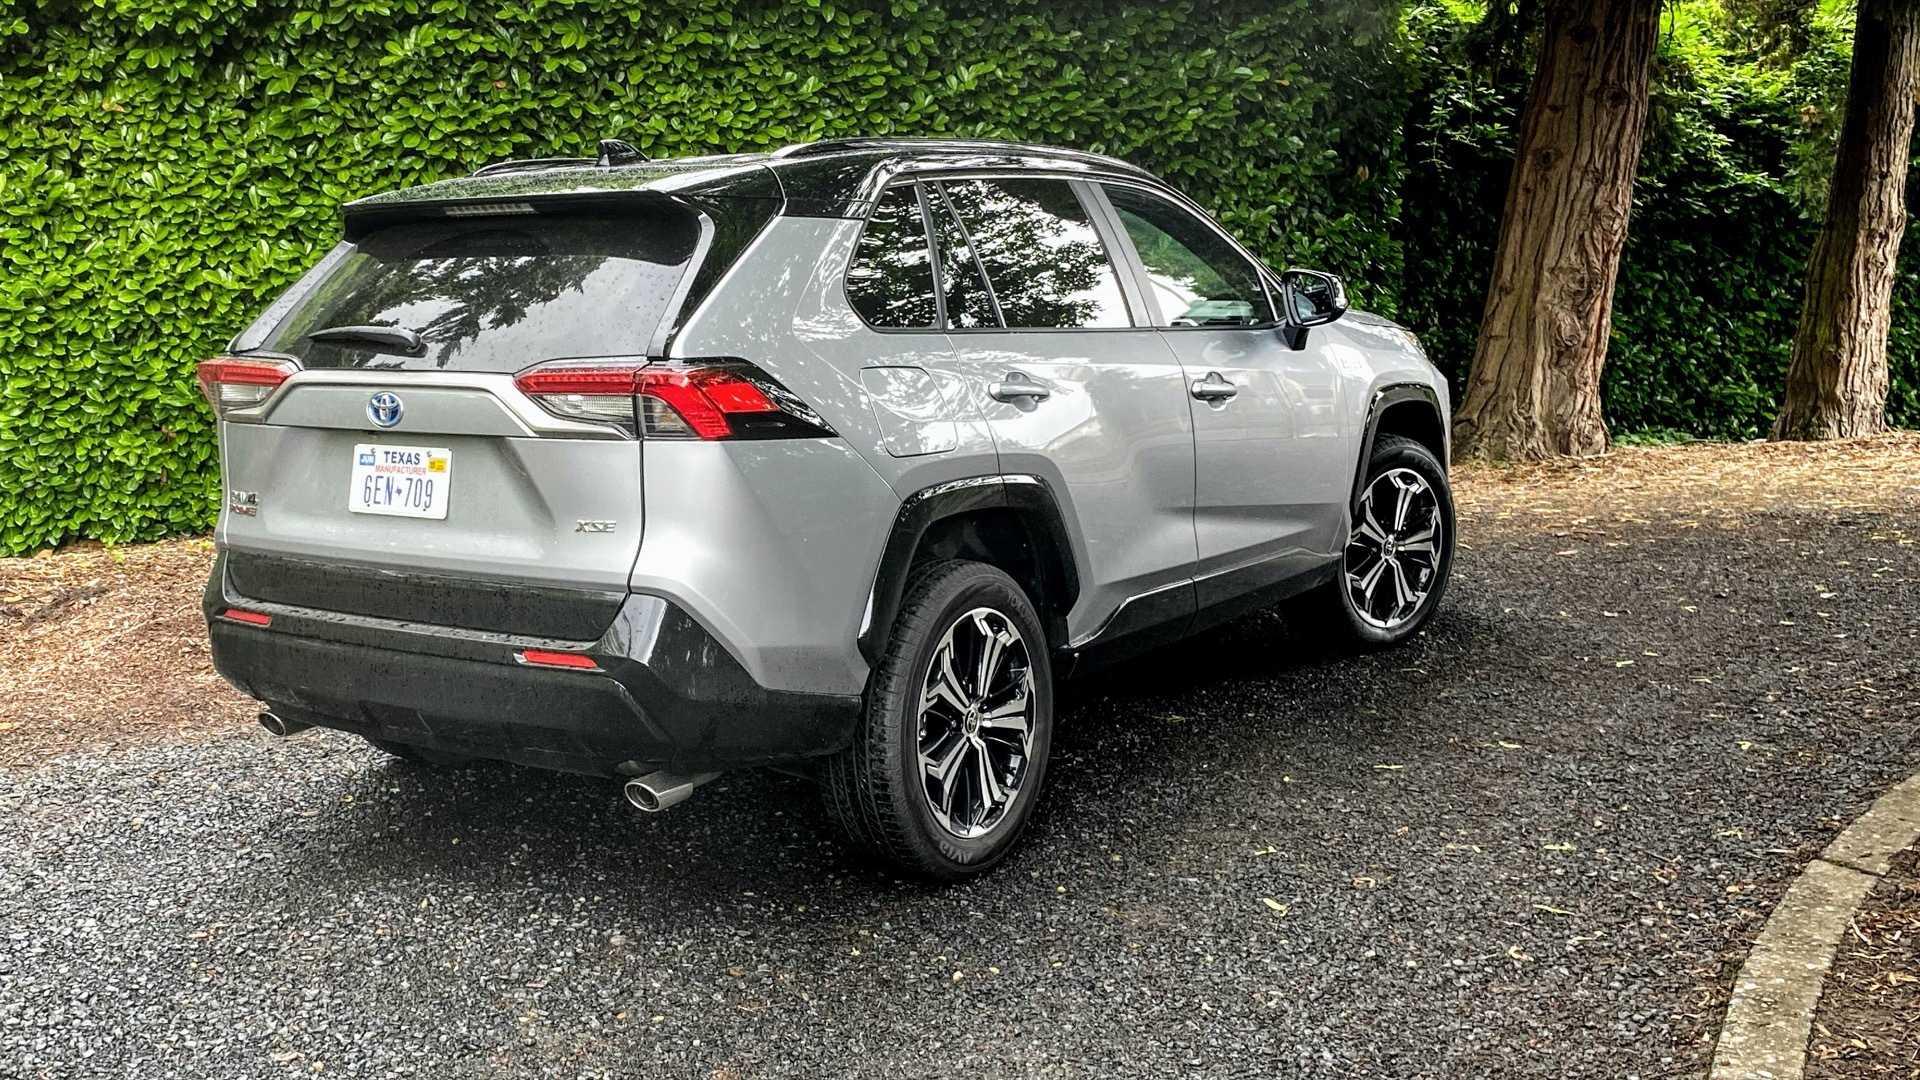 Toyota на автошоу в Лос-Анжелесе представила обновленную версию кроссовера RAV4